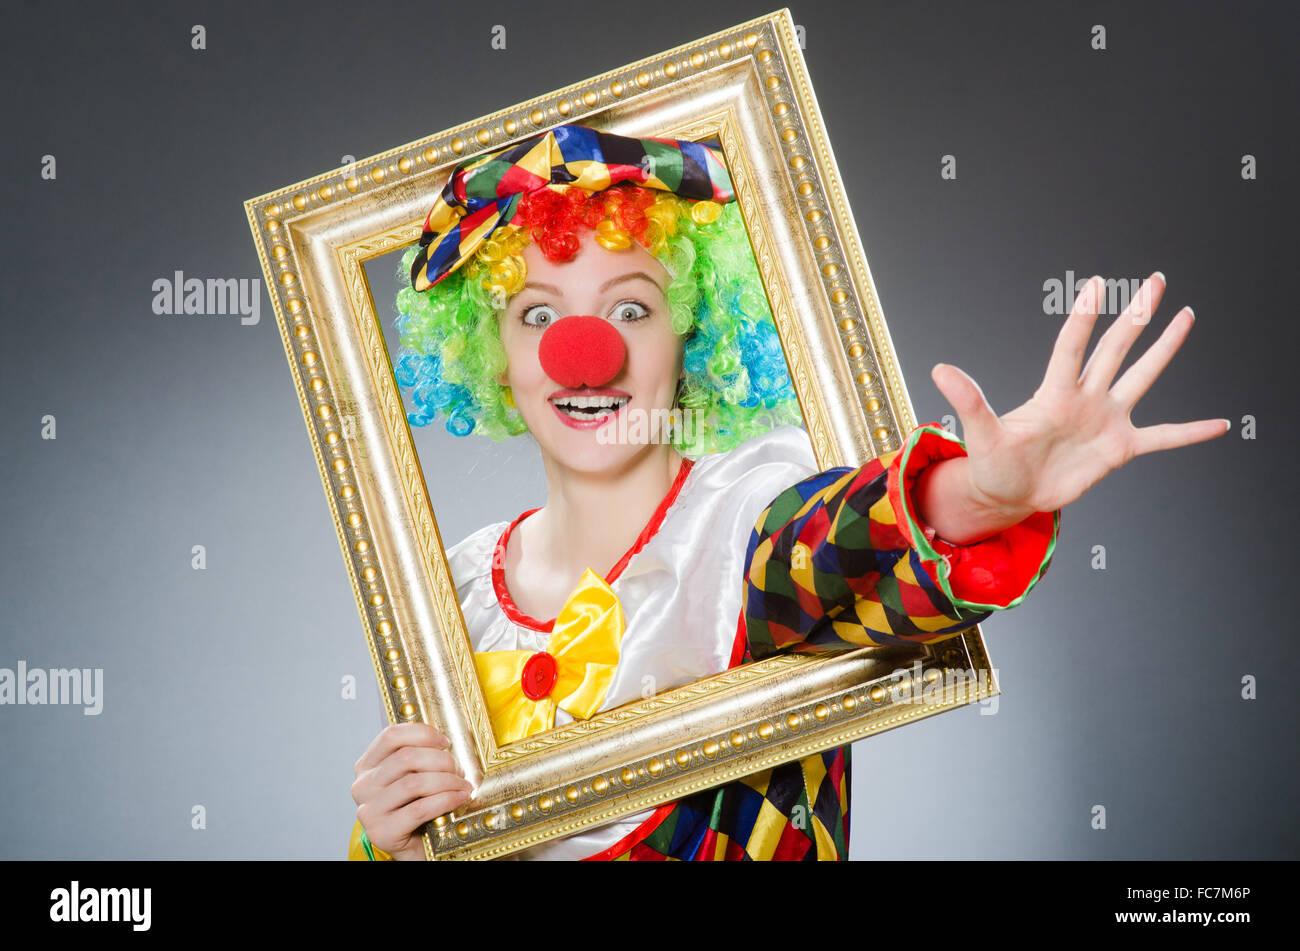 Clown mit Bilderrahmen in lustige Konzept Stockfoto, Bild: 93597246 ...